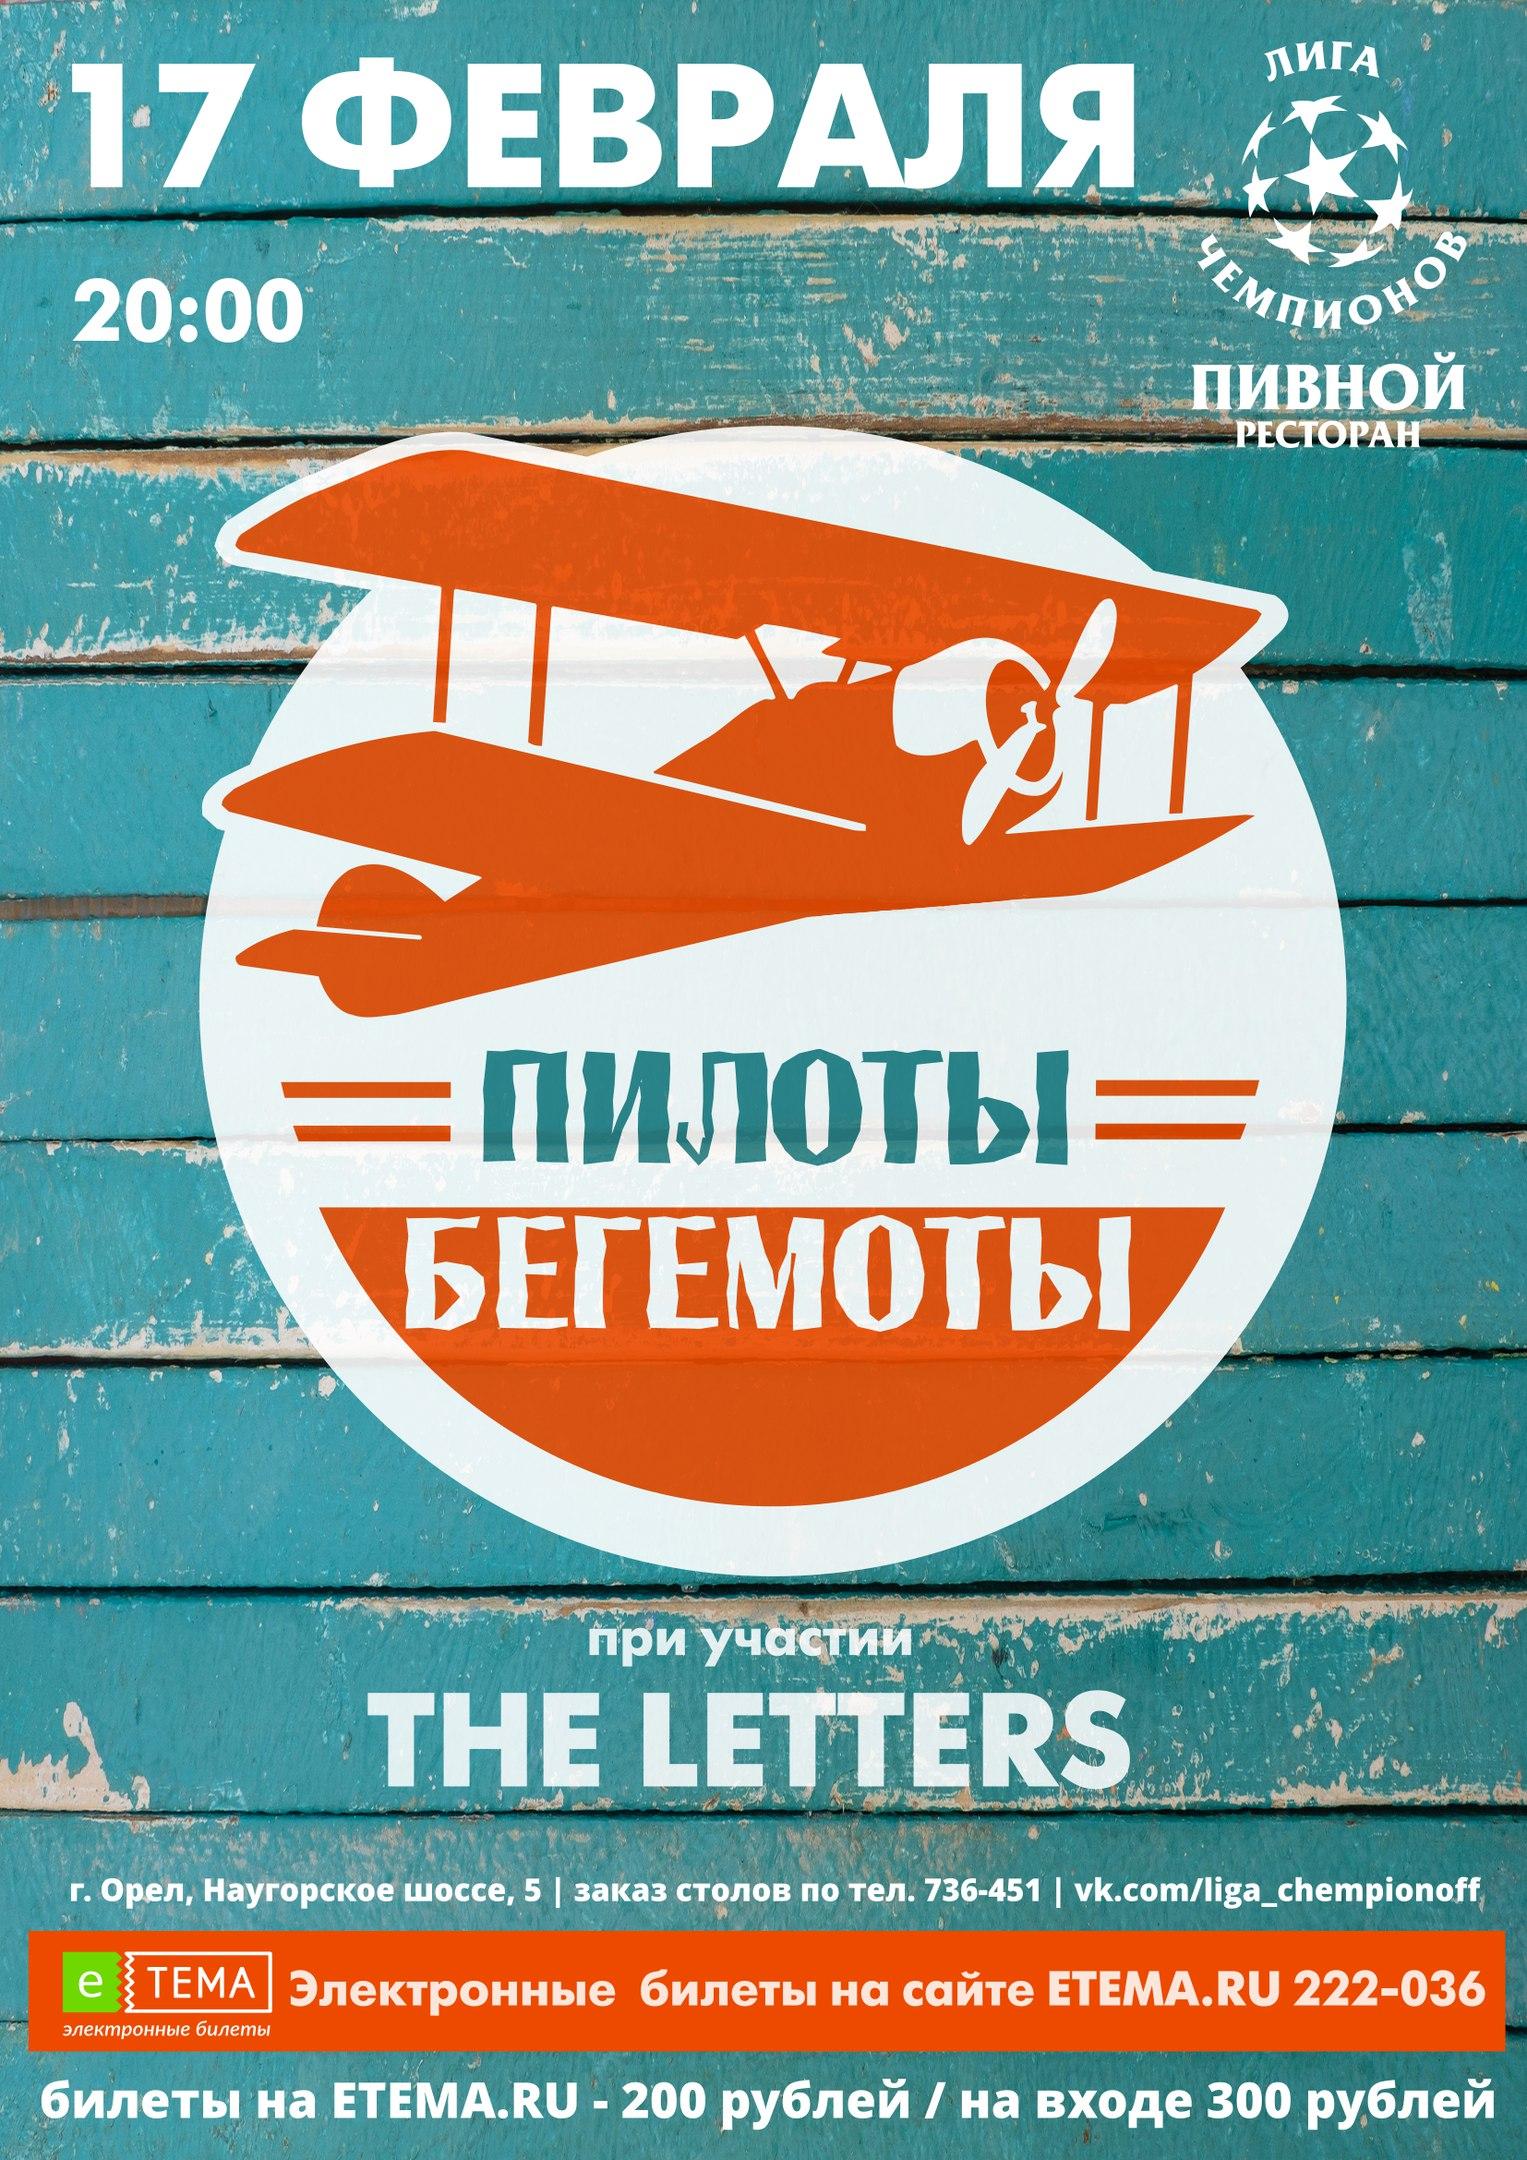 Пилоты Бегемоты